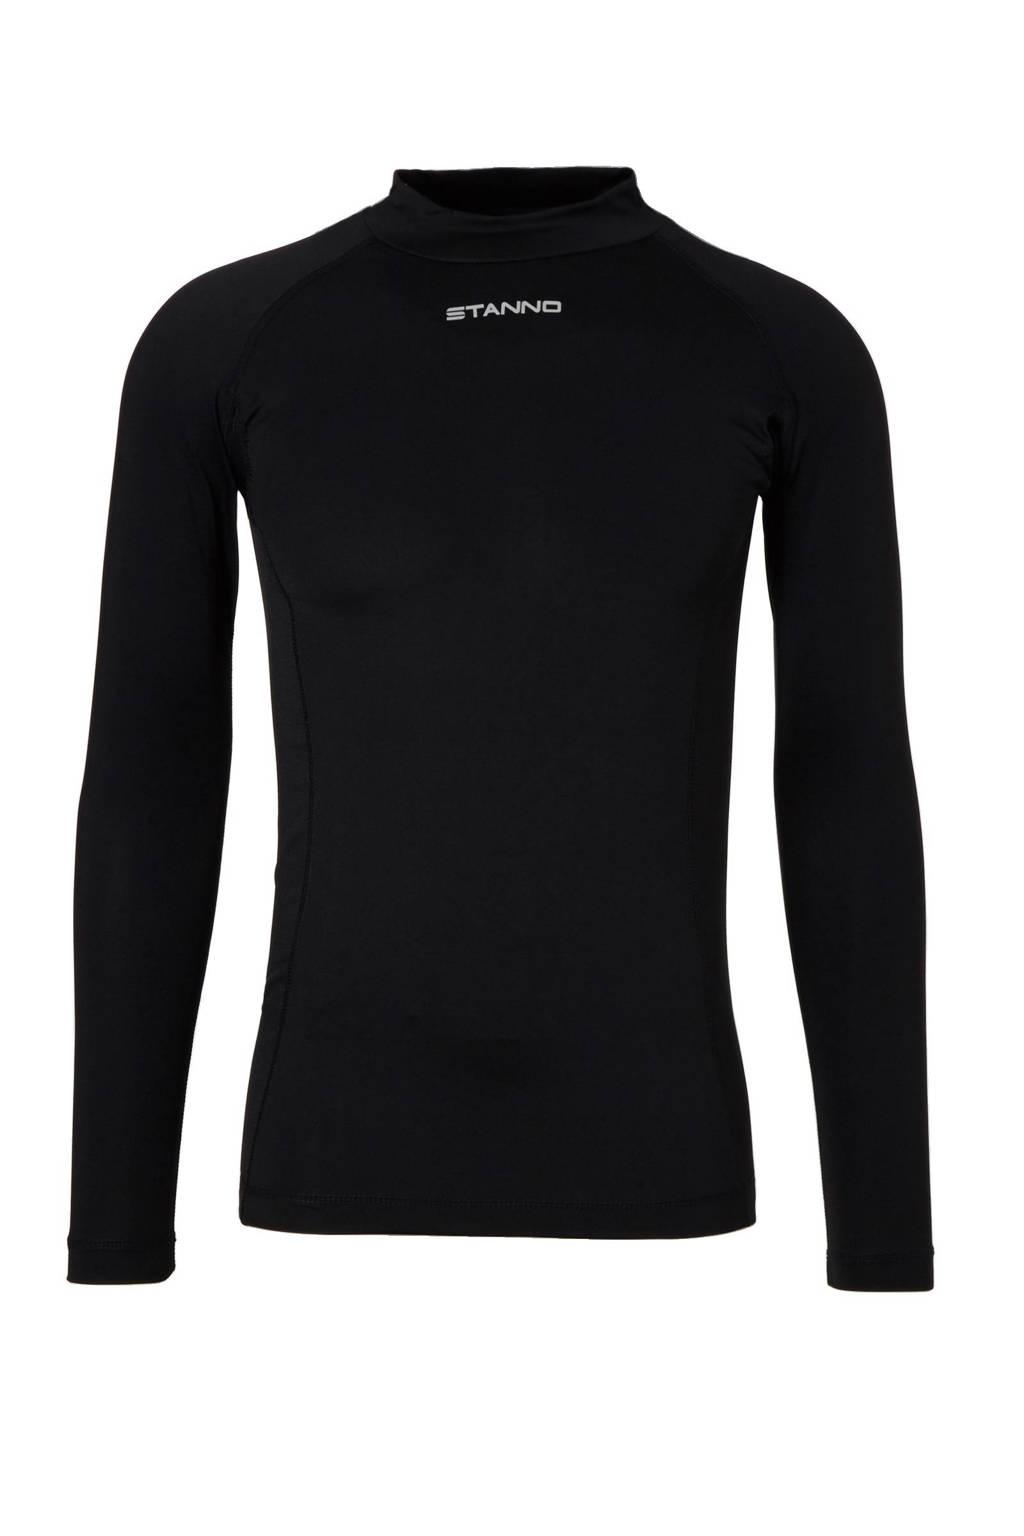 Stanno sport onder T-shirt, Zwart